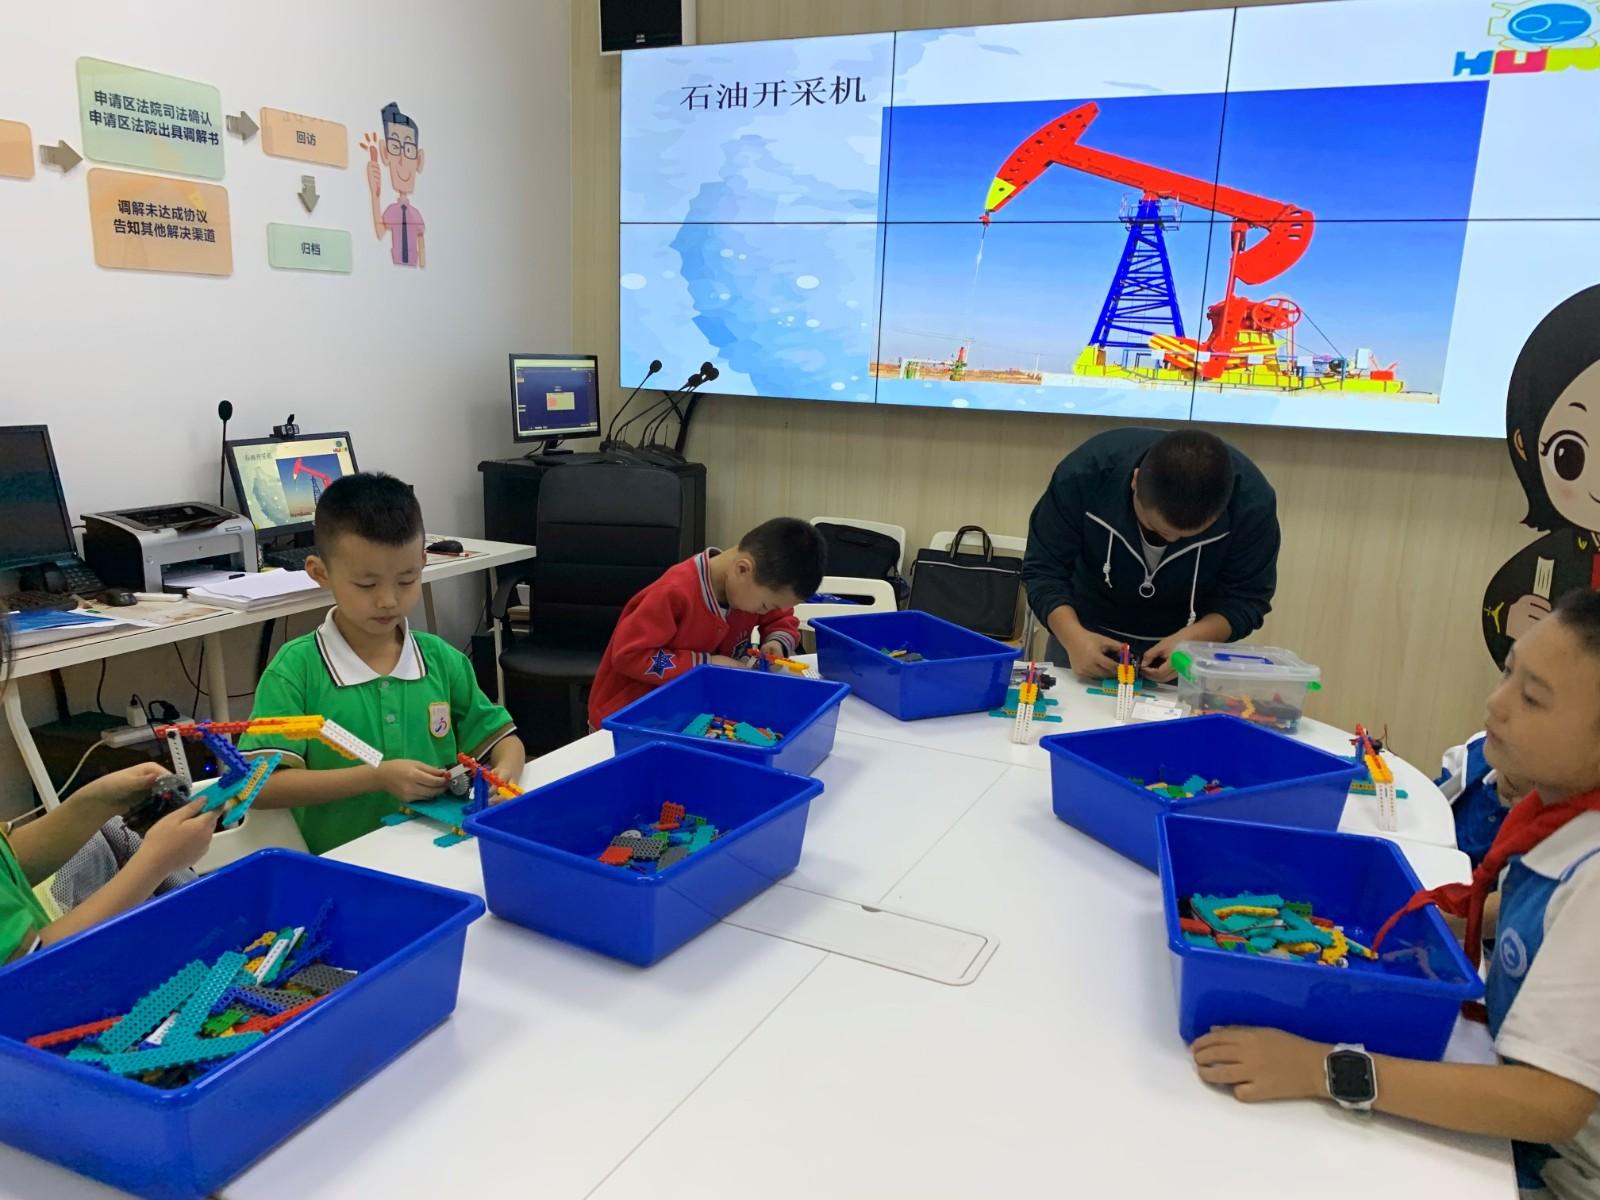 http://www.goschool.org.cn/d/file/97485139.jpg